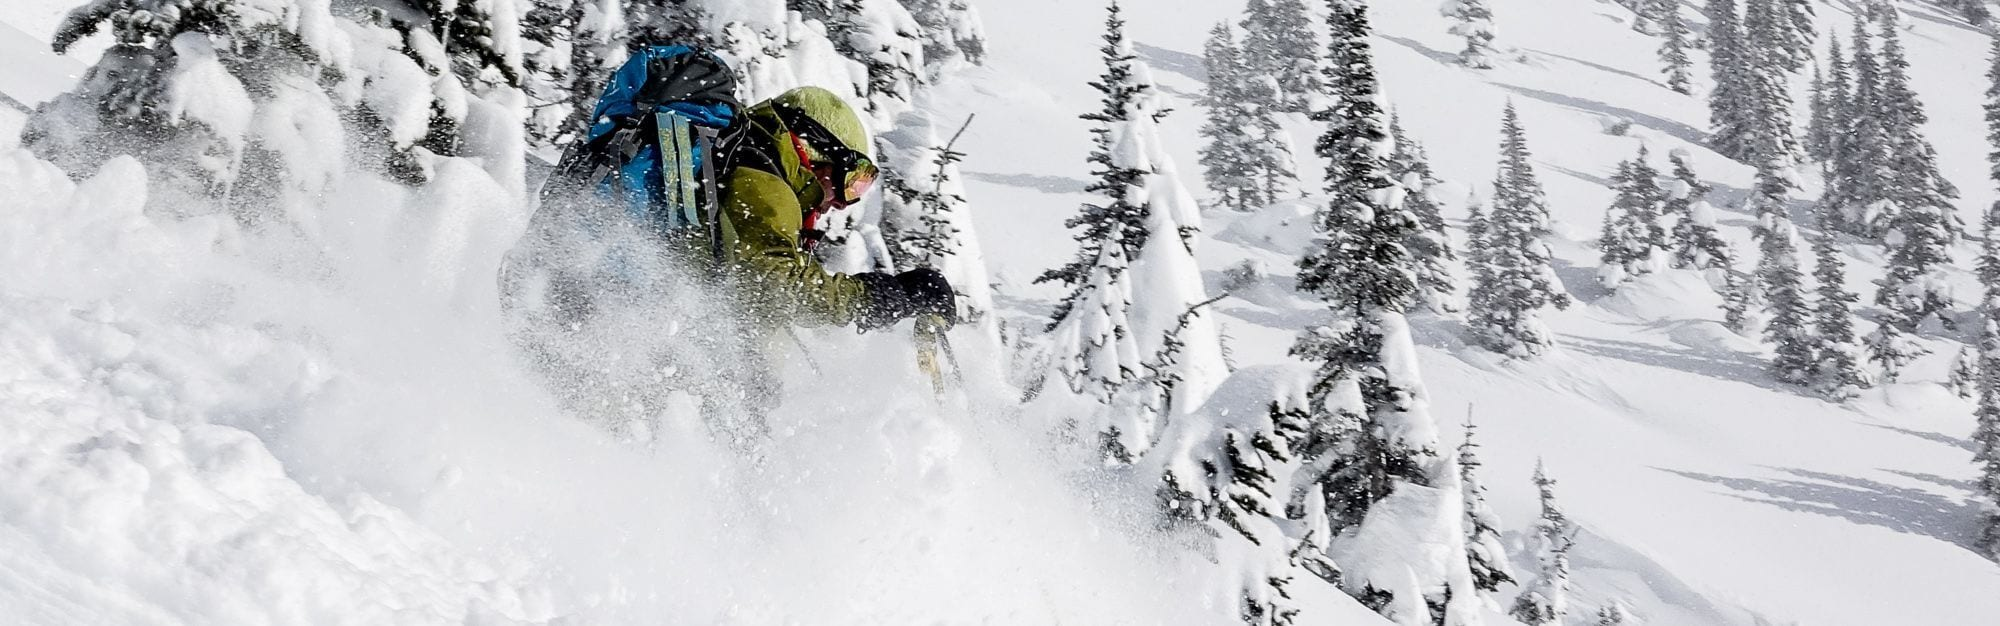 Ski Touring Teslin's at Burnie Glacier Chalet